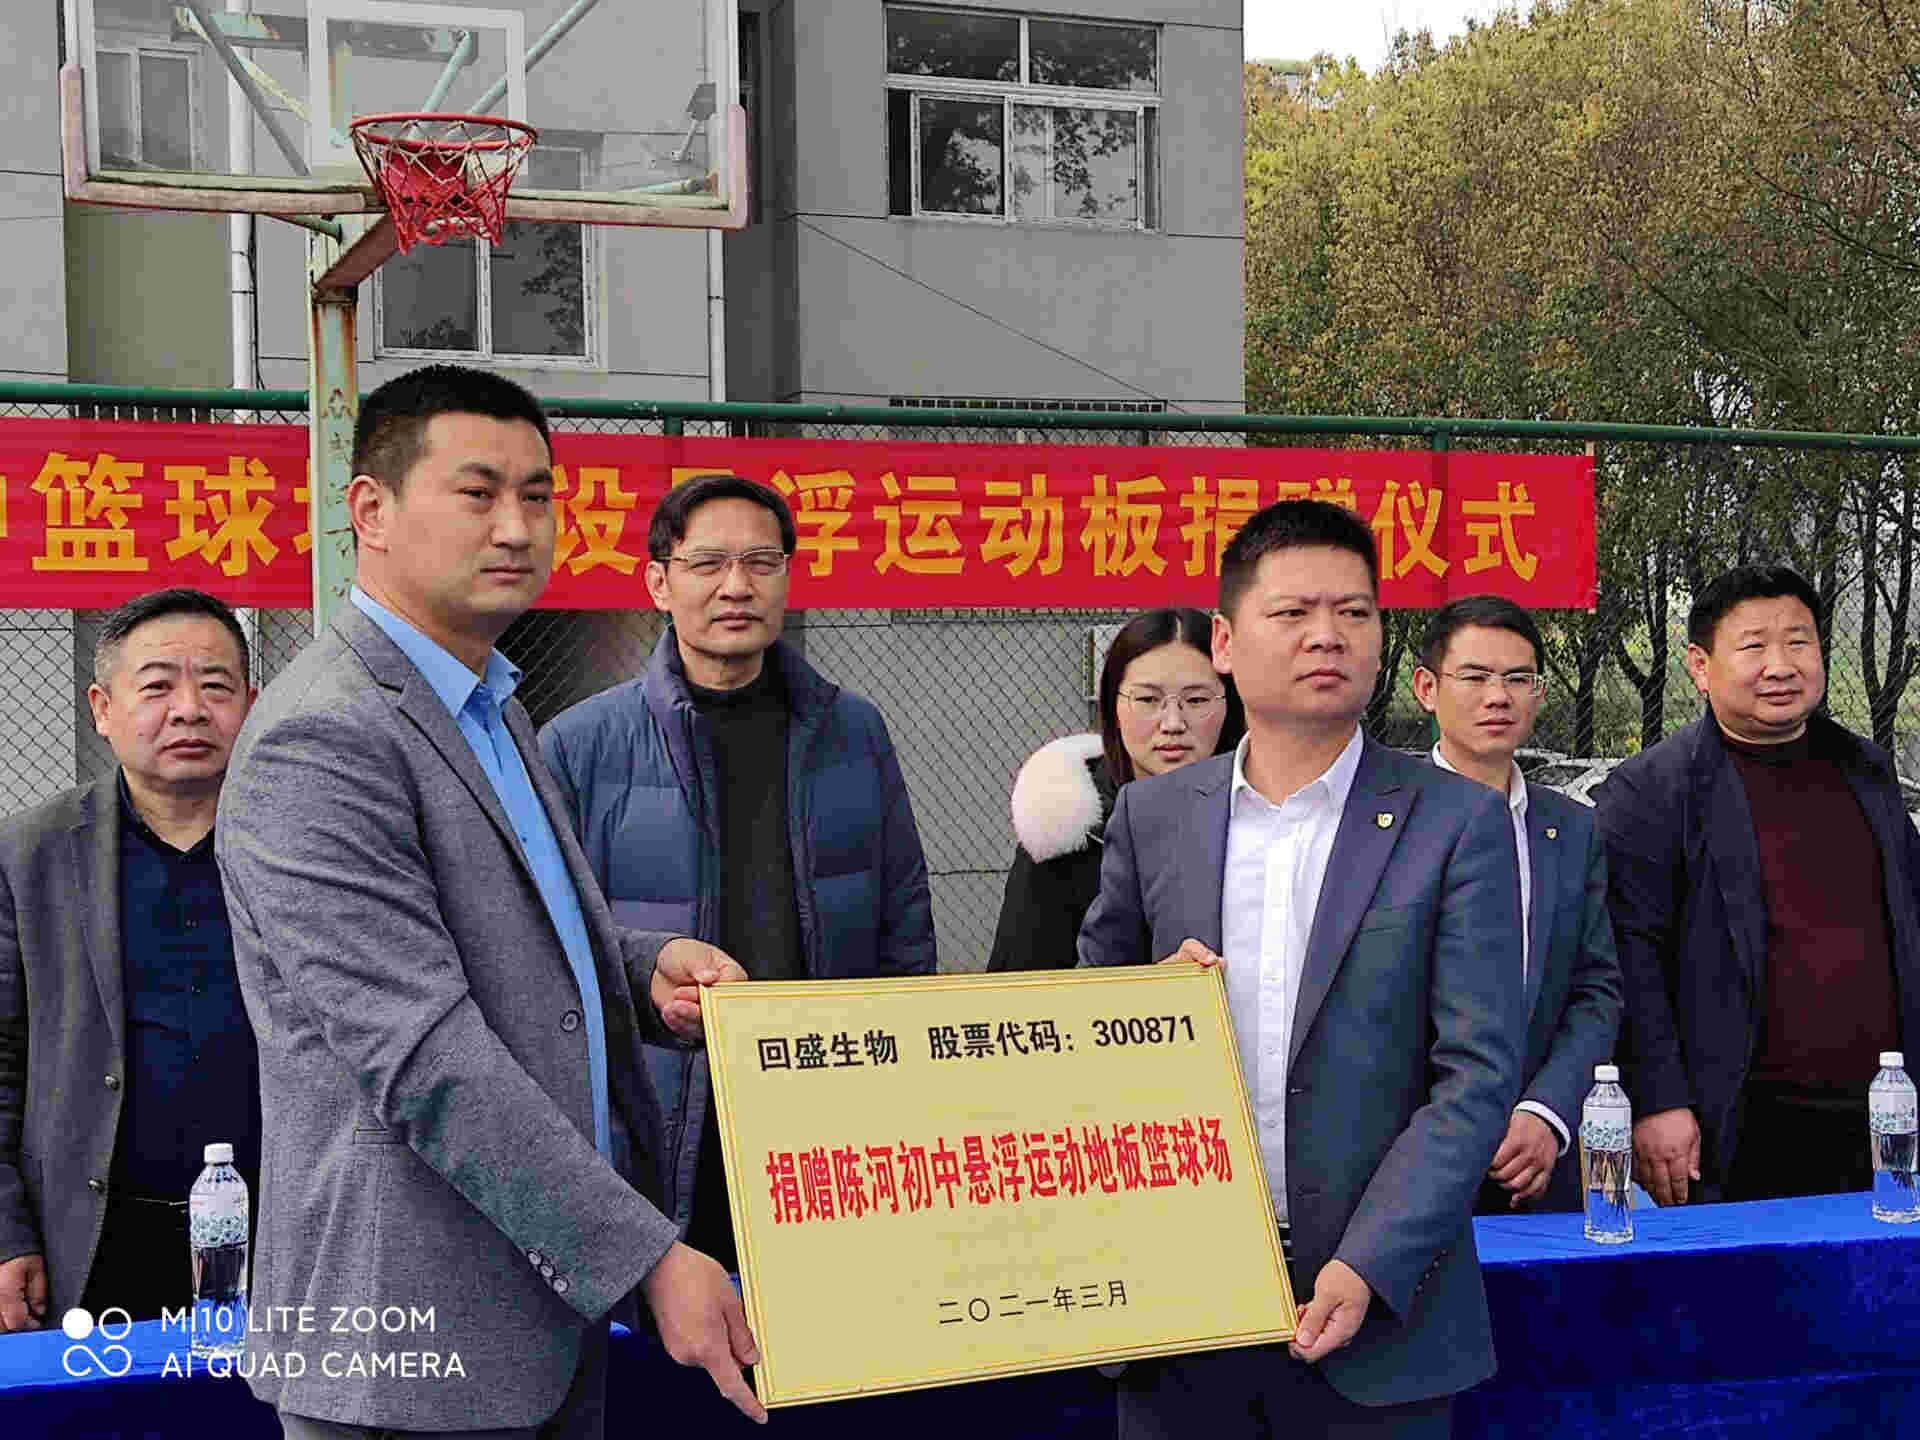 回盛生物董事长张卫元回报桑梓 累计捐赠60余万元支持家乡教育事业发展